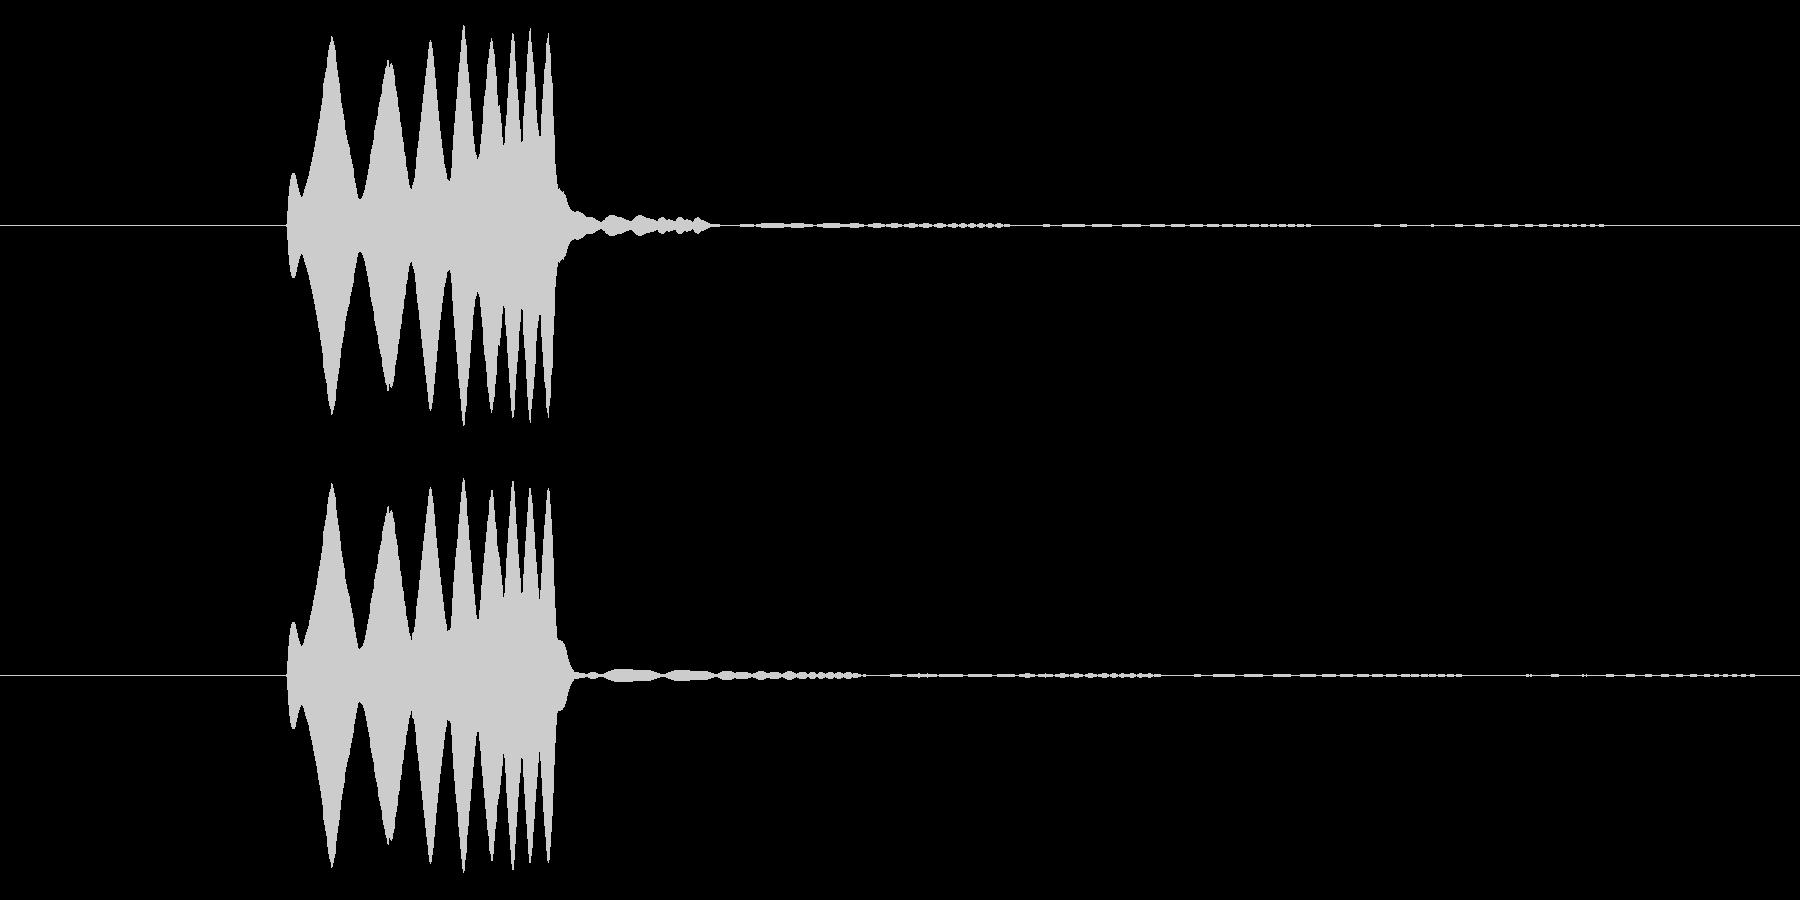 「ぴろりーん」決定音や経験値を手に入れ…の未再生の波形